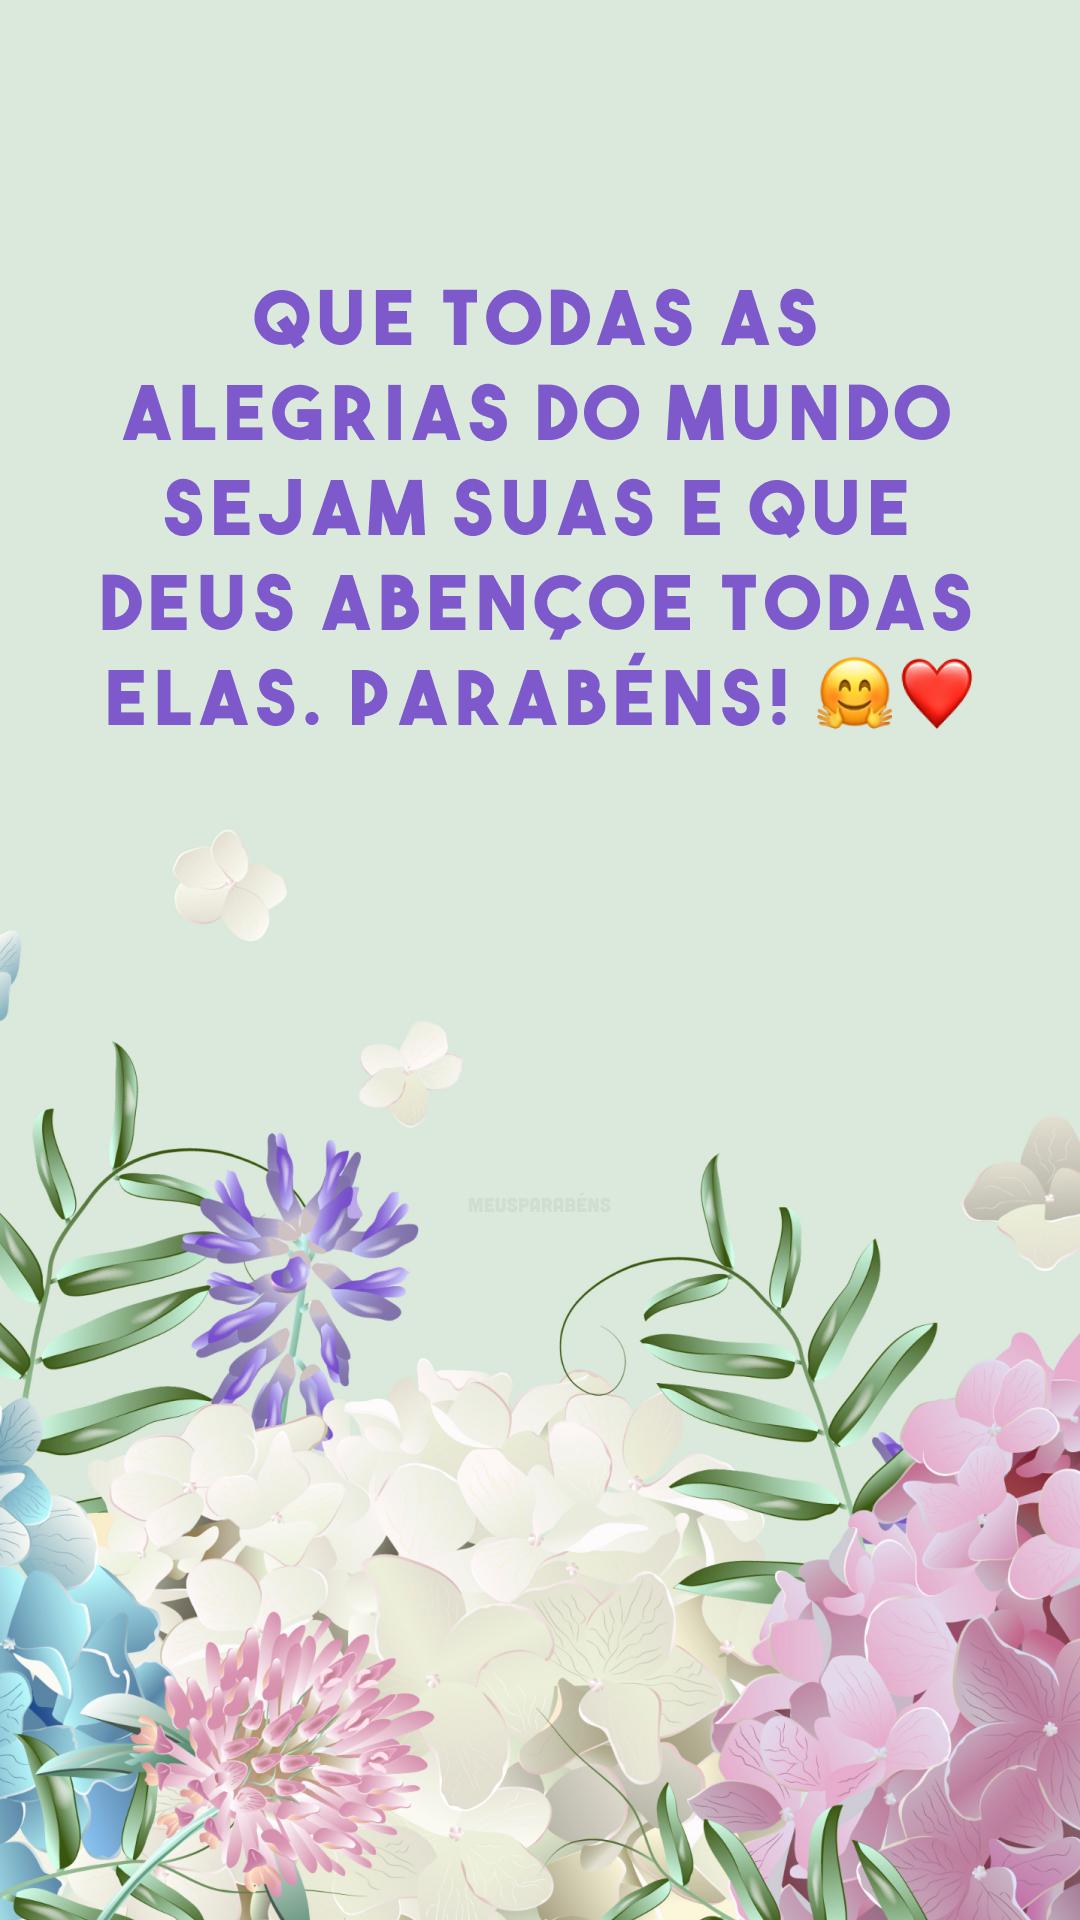 Que todas as alegrias do mundo sejam suas e que Deus abençoe todas elas. Parabéns! 🤗❤